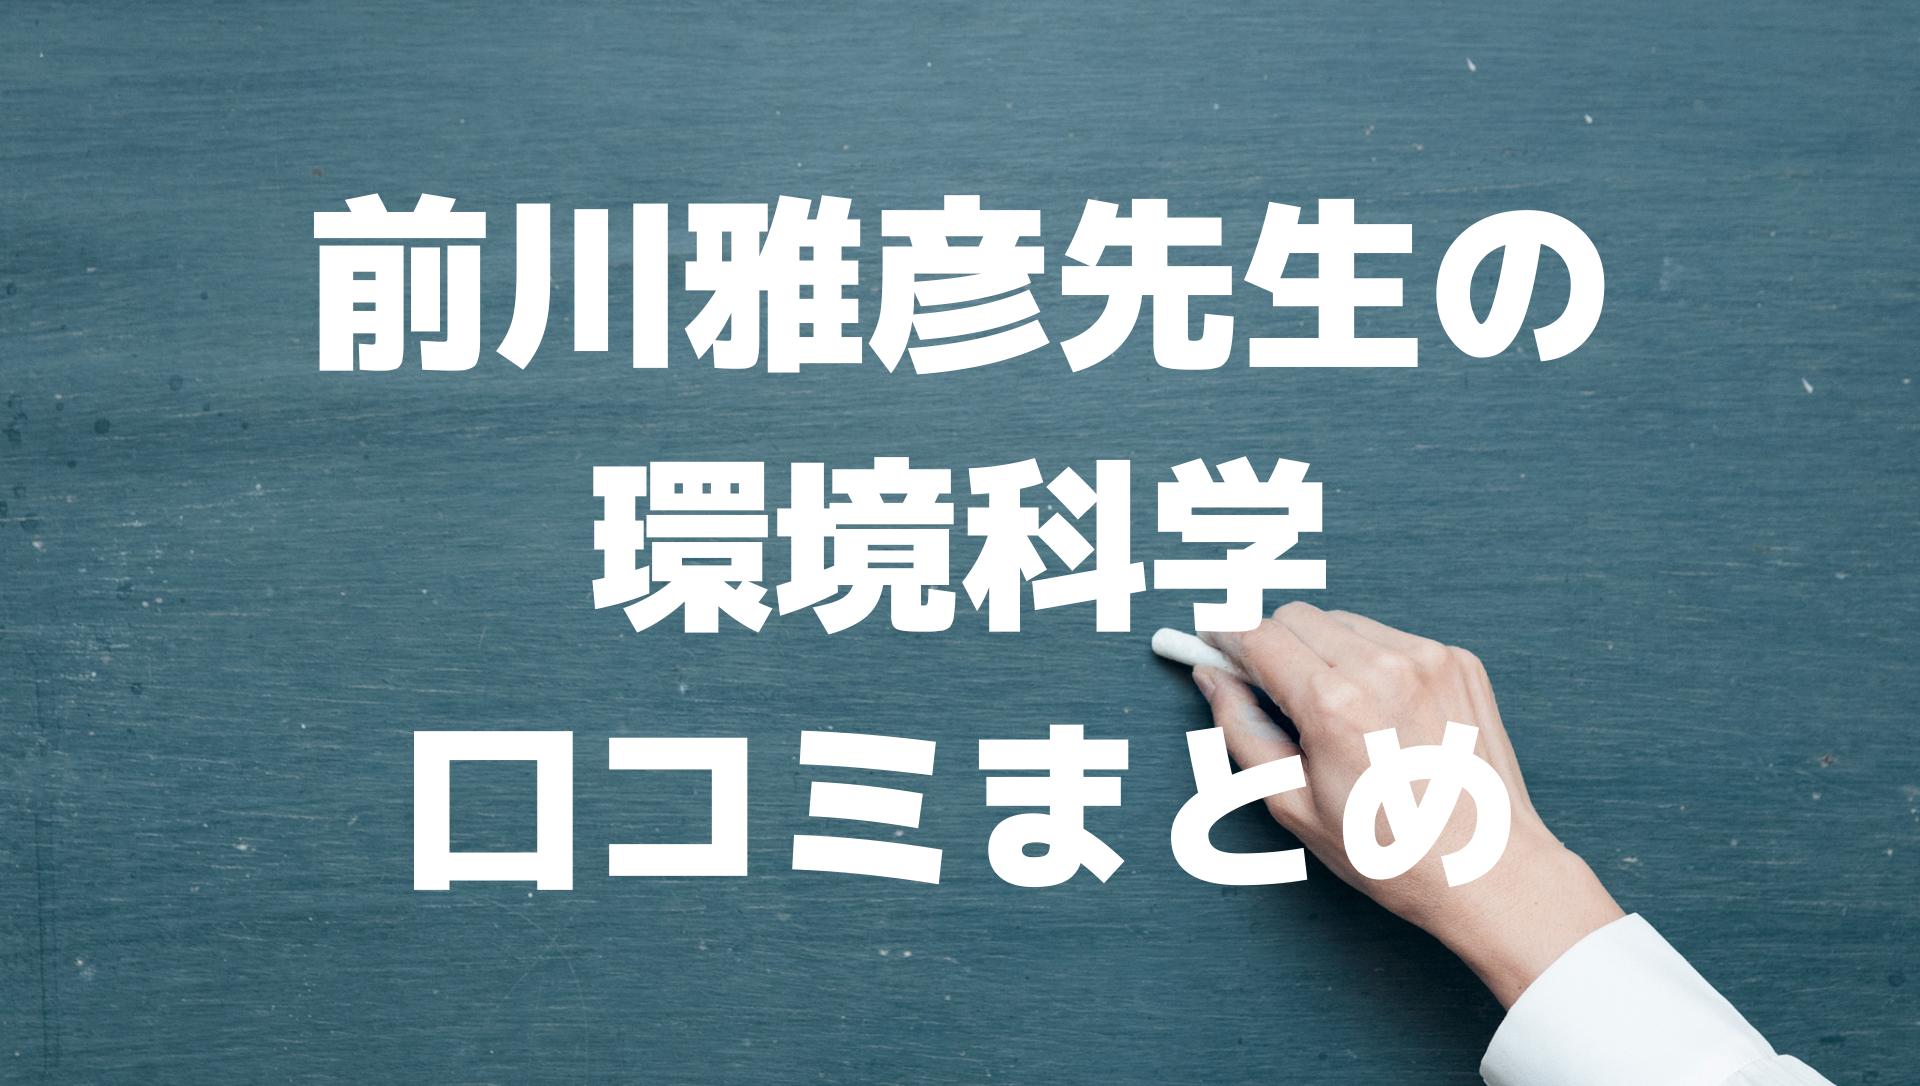 前川雅彦先生の環境科学